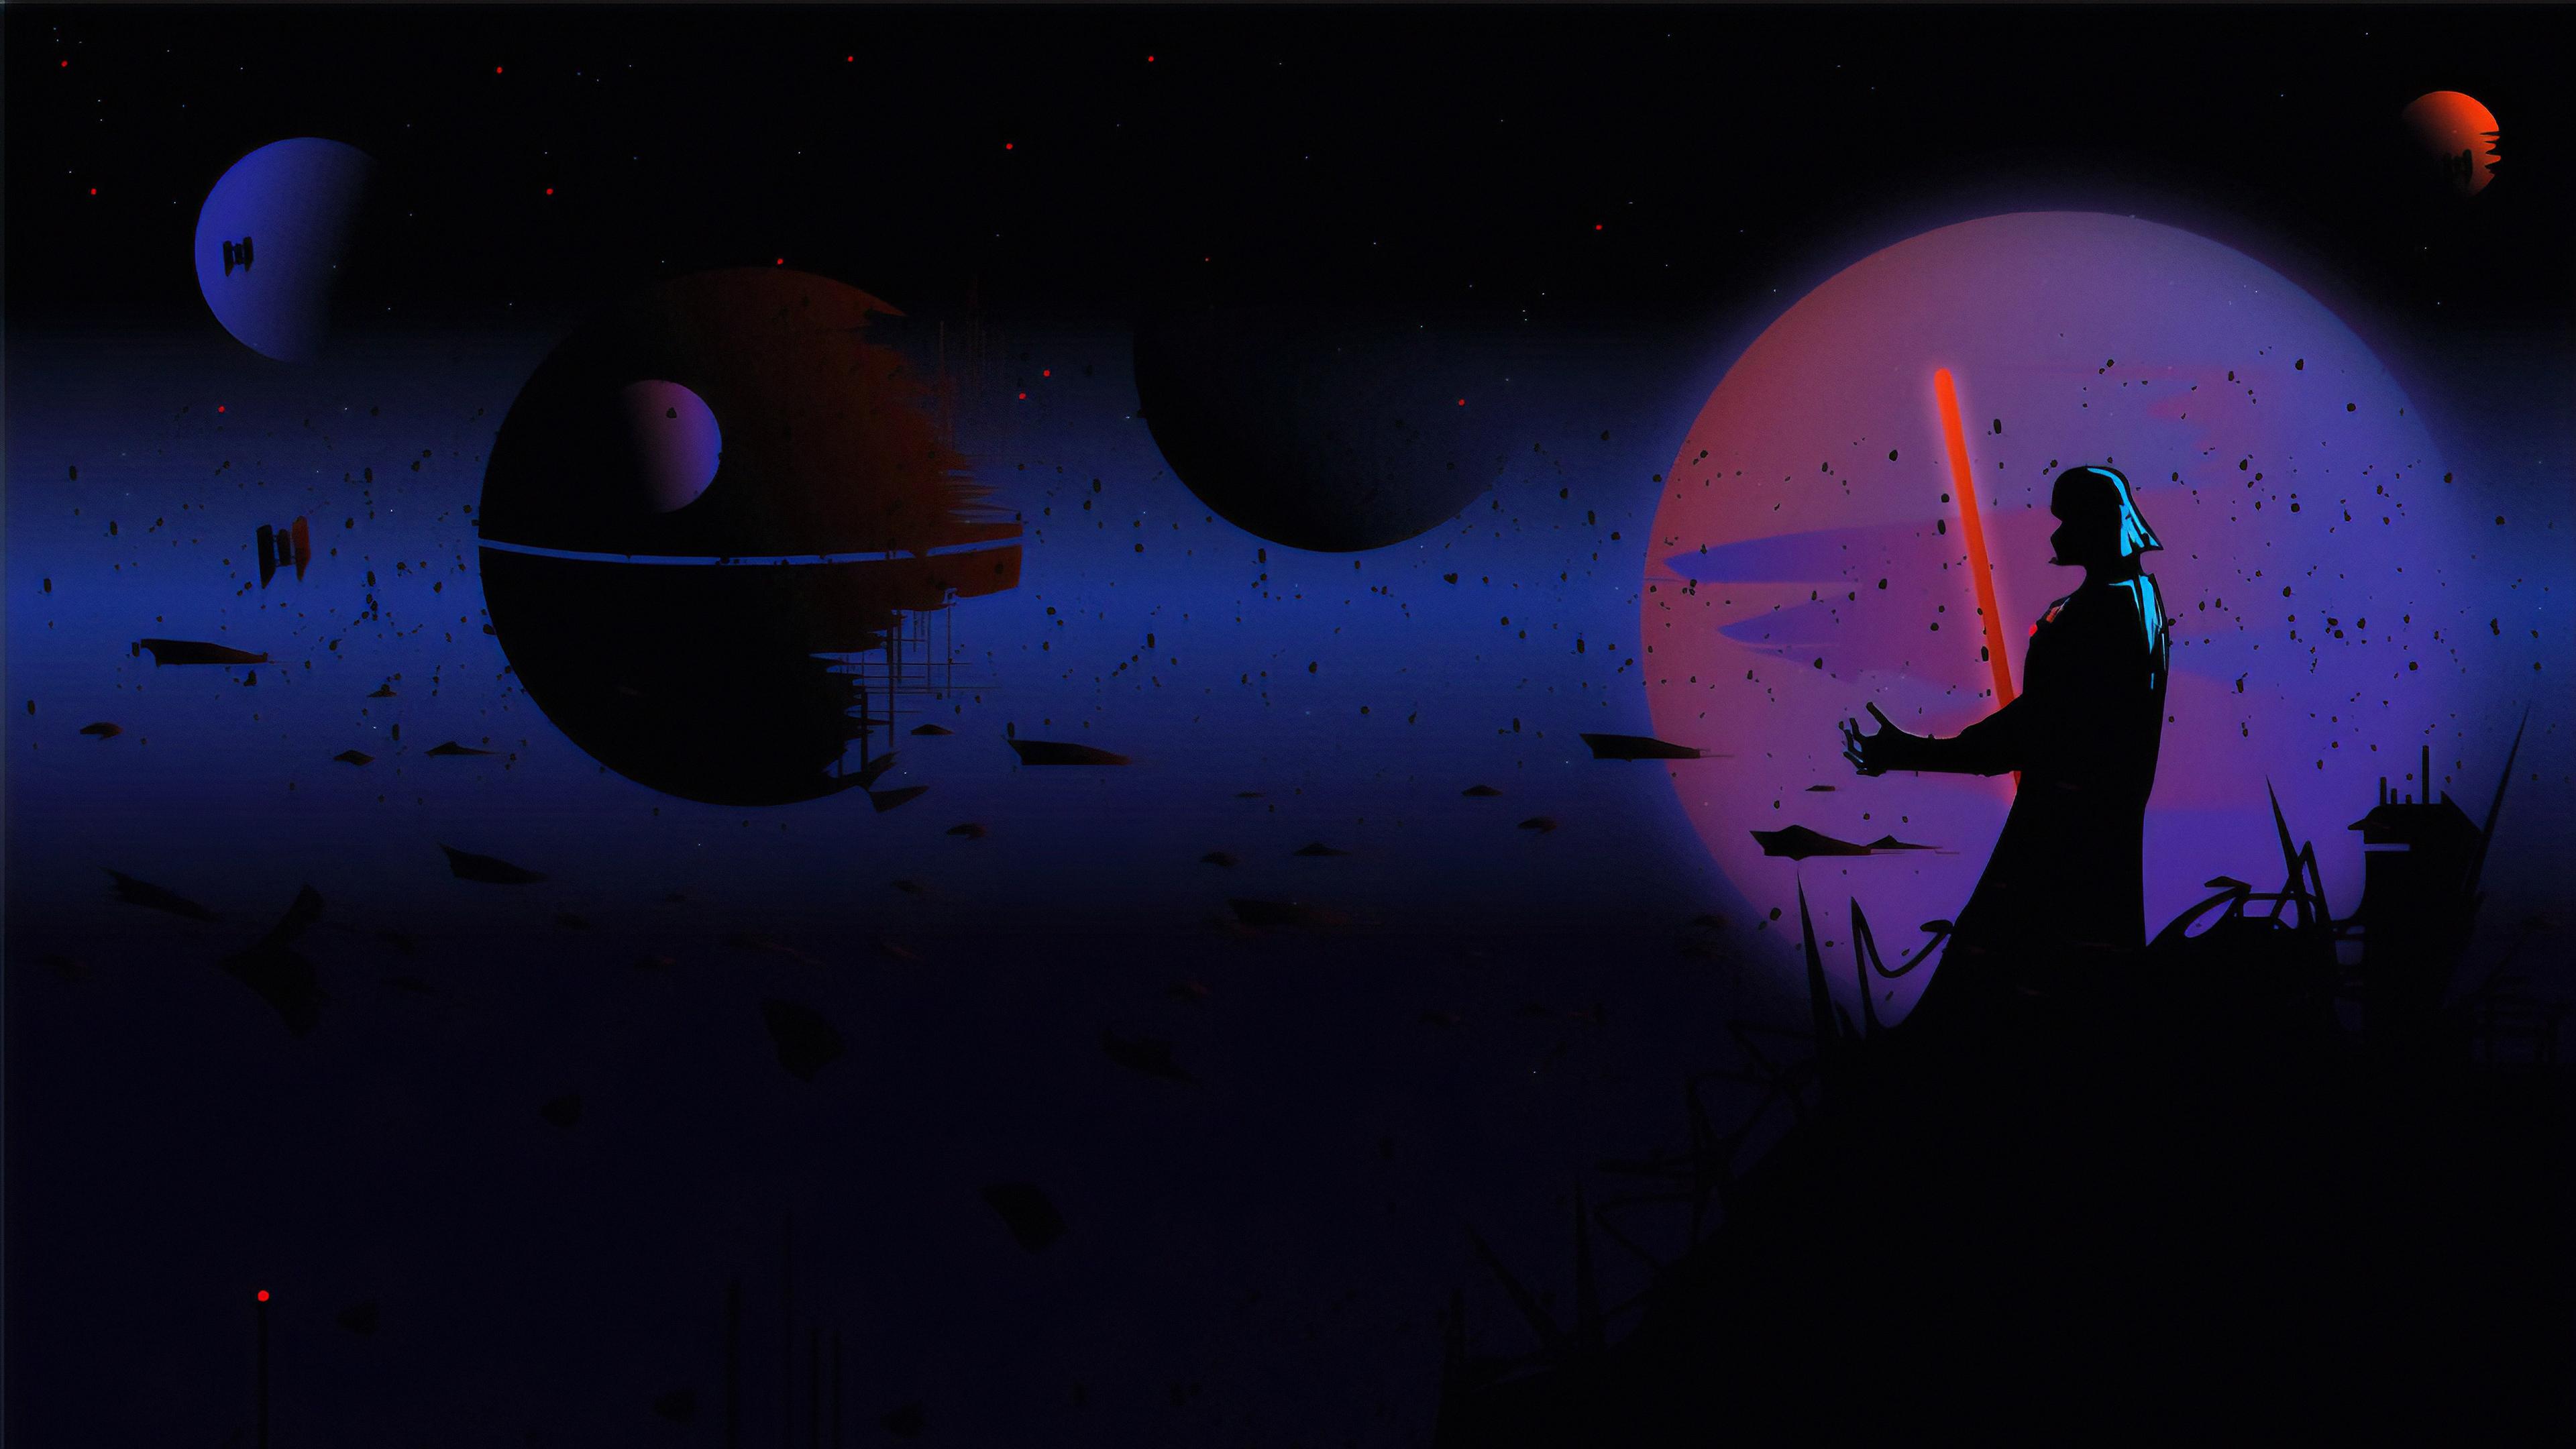 Wallpaper 4k Darth Vader New Art Artwork Wallpapers Darth Vader Wallpapers Hd Wallpapers Movies Wallpapers